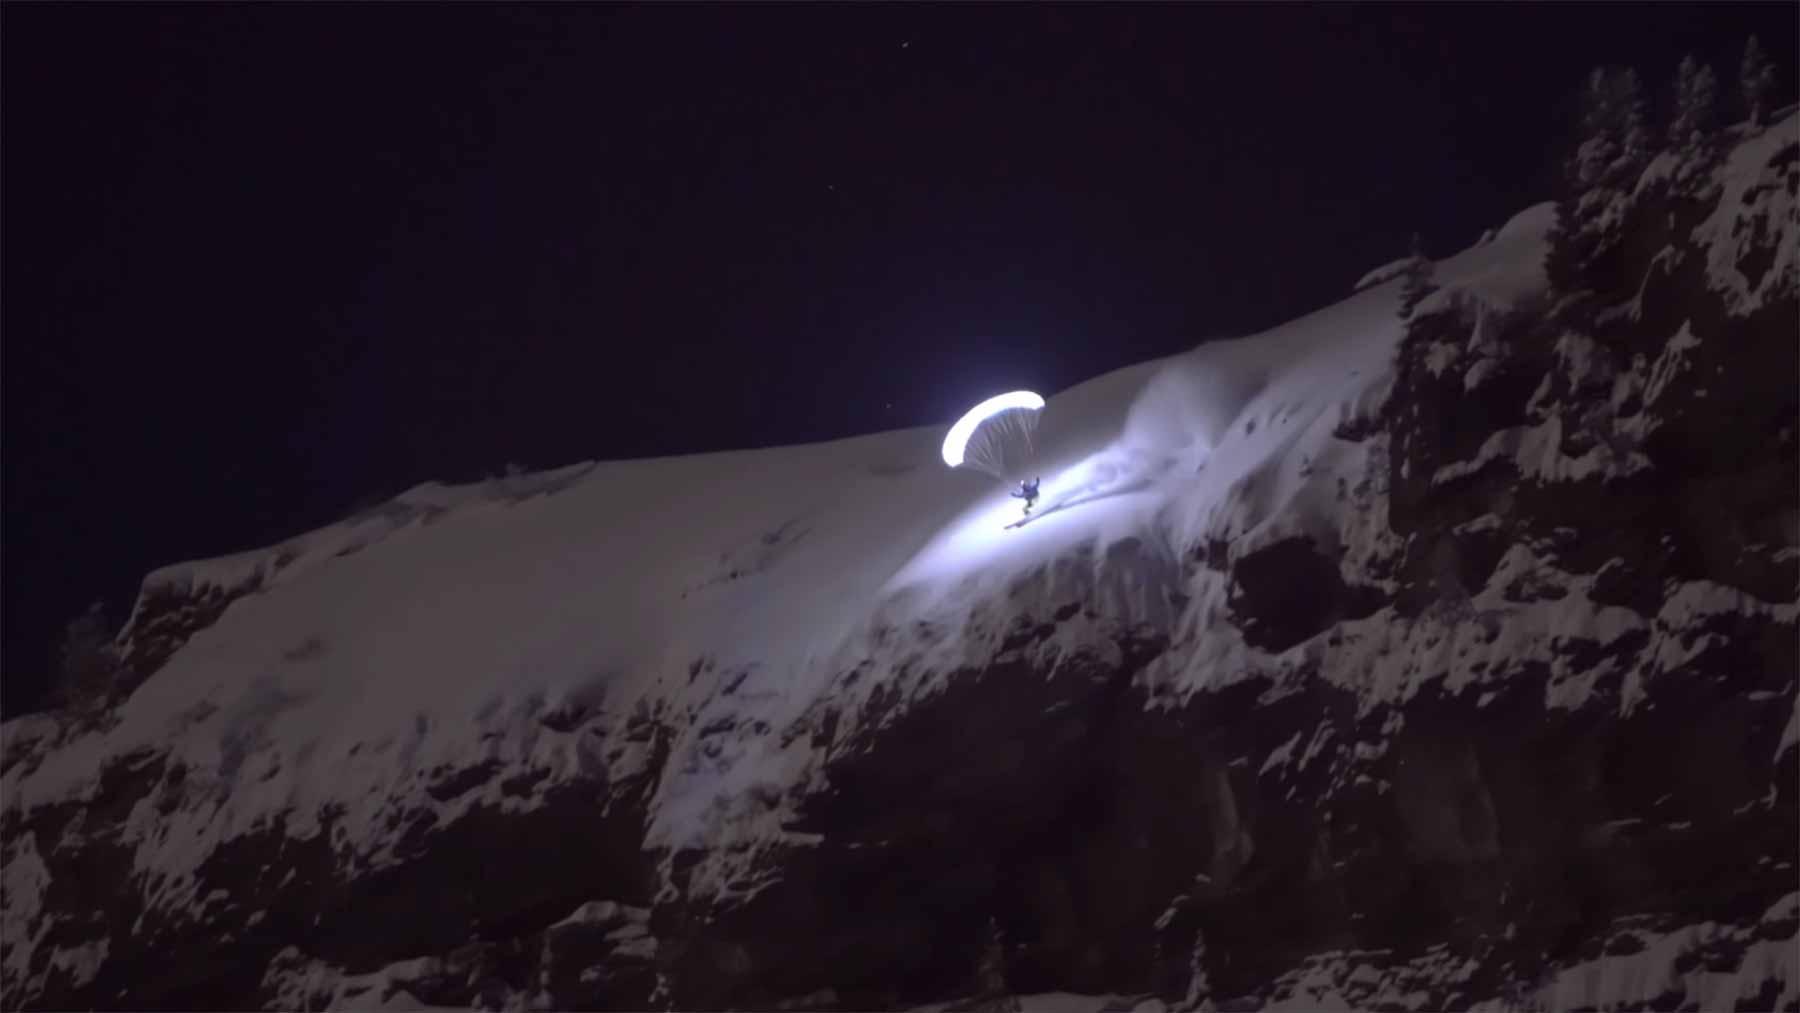 Nacht-Abfahrt mit beleuchtetem Schirm speed-riding-Valentin-Delluc-in-Chamonix